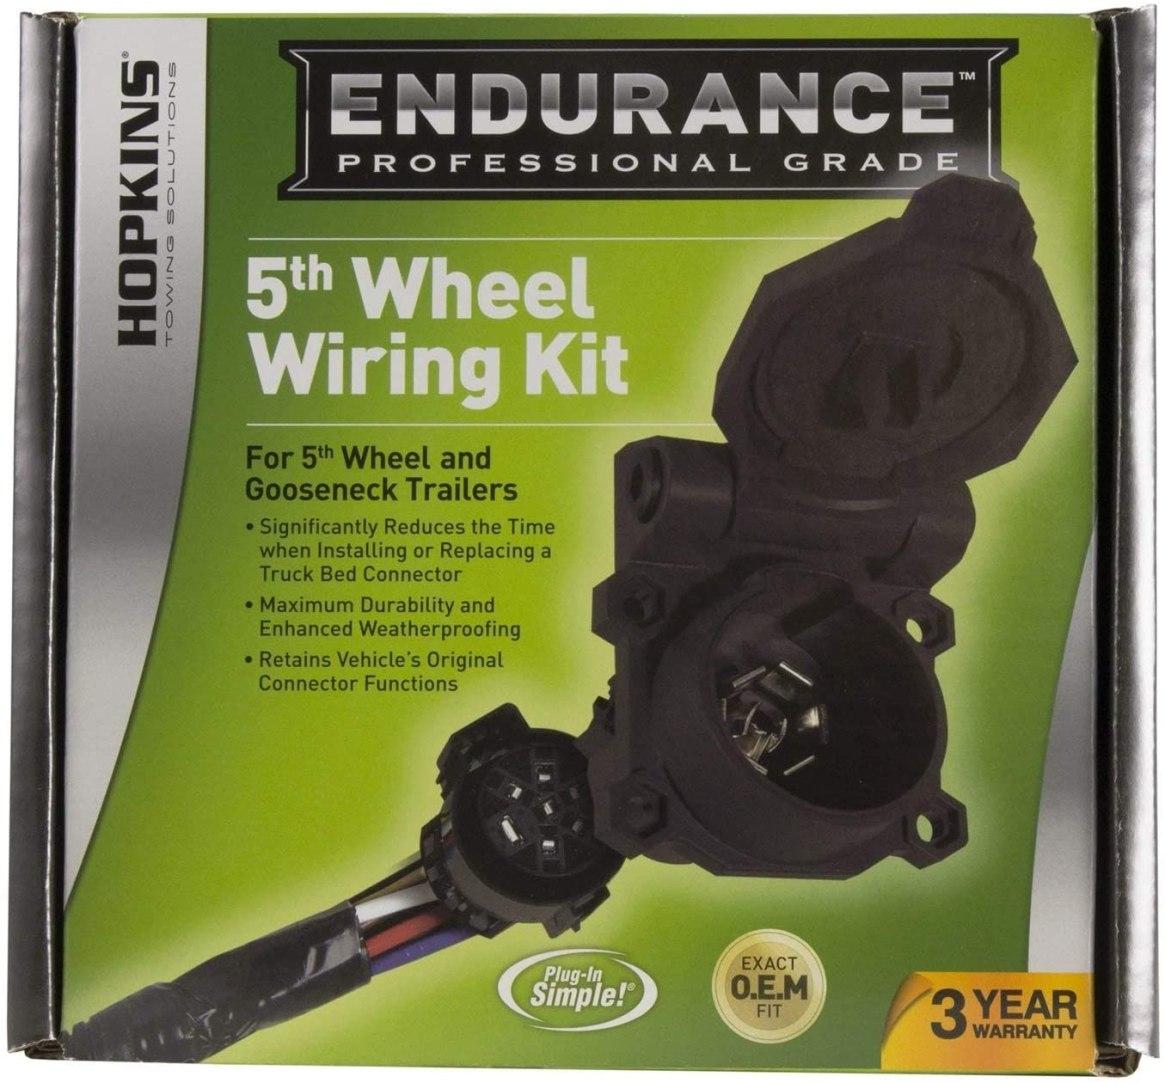 endurance 5th wheel wiring kit